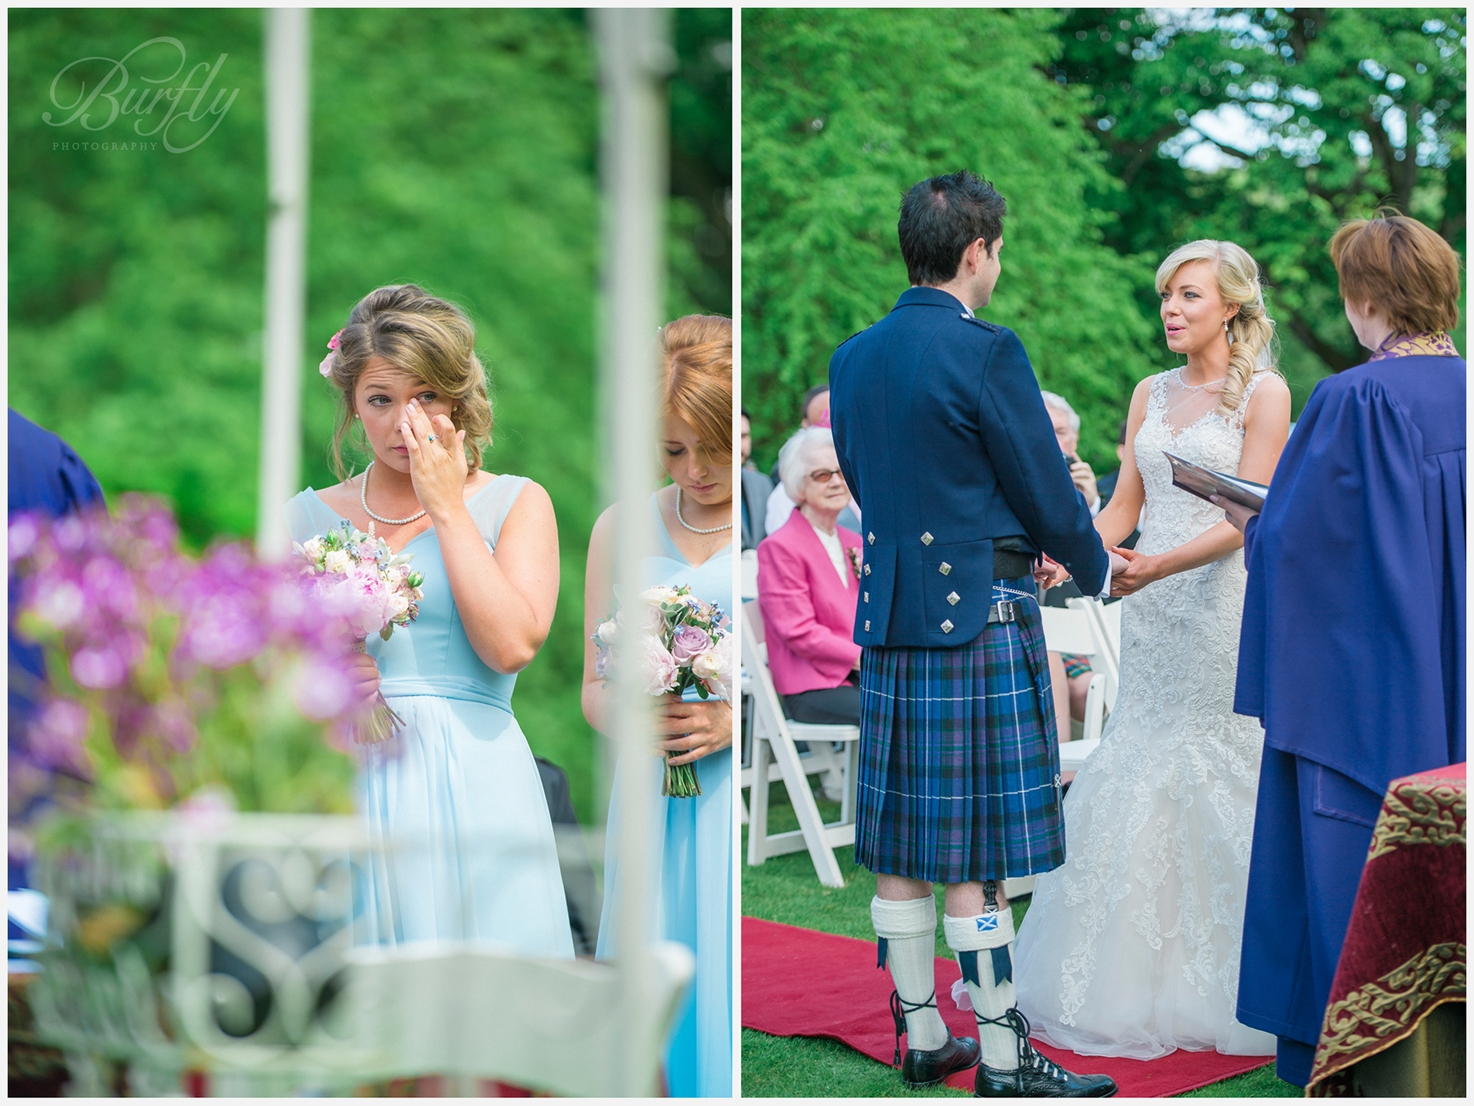 FERNIE CASTLE WEDDING 31